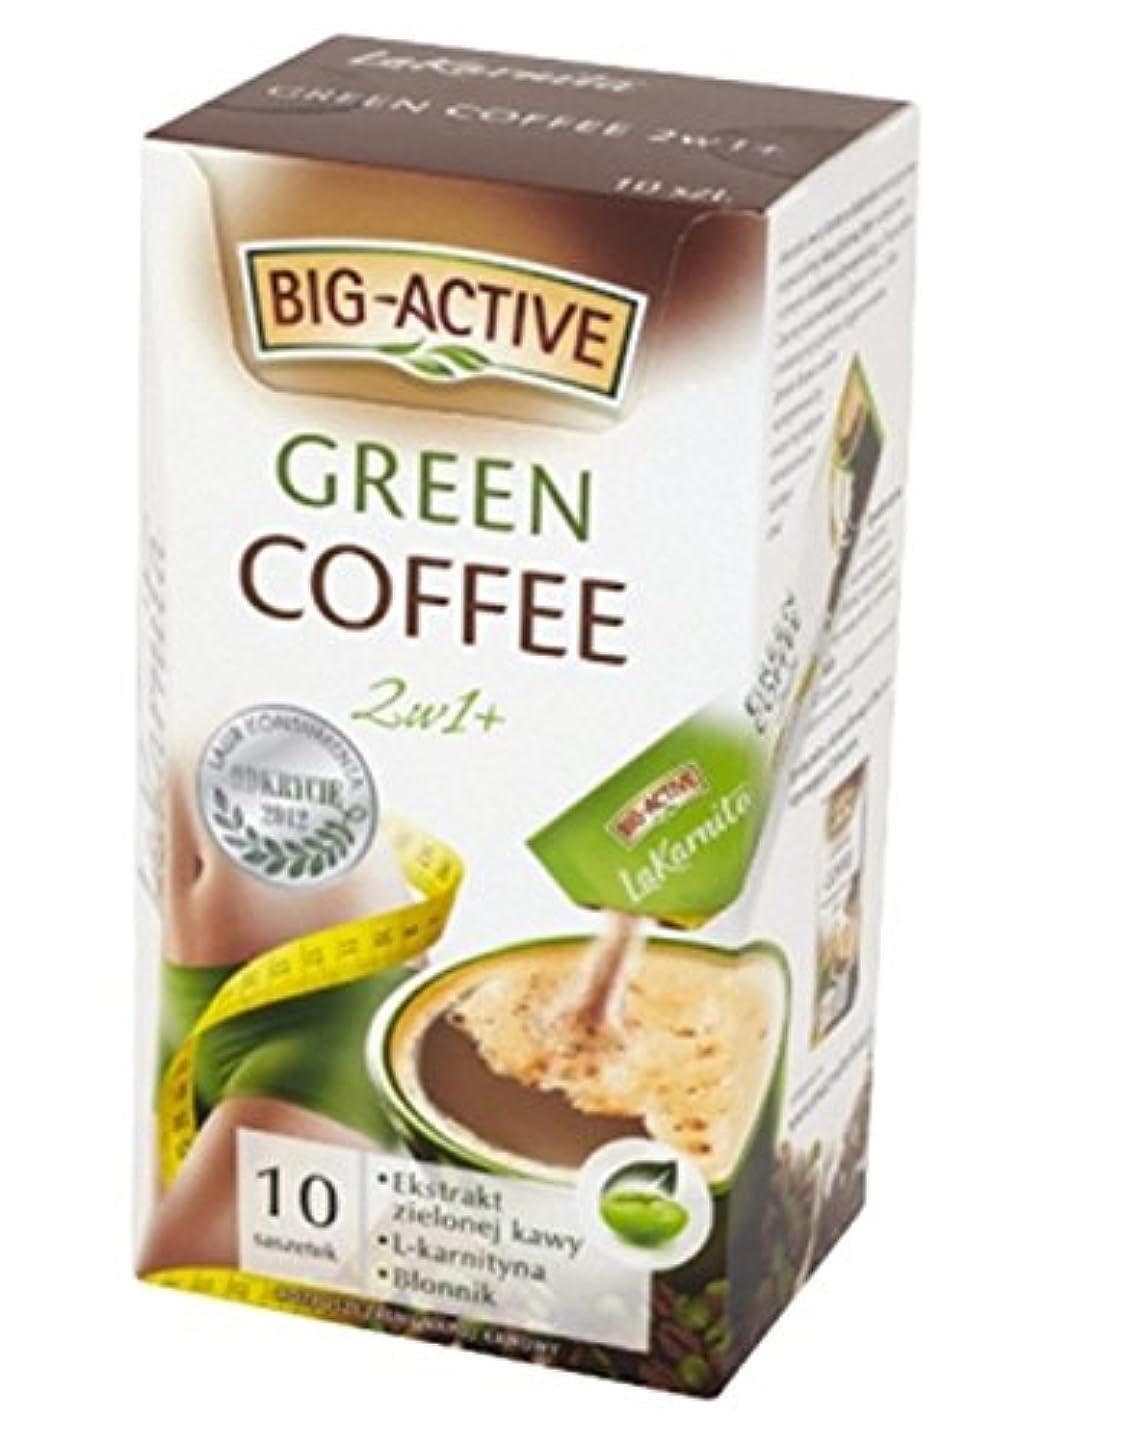 コール夕暮れスペシャリストスリミン グリー グコーヒー/5 boxes Big Active La Karnita Green Coffee Slimming Sachet 2 IN 1